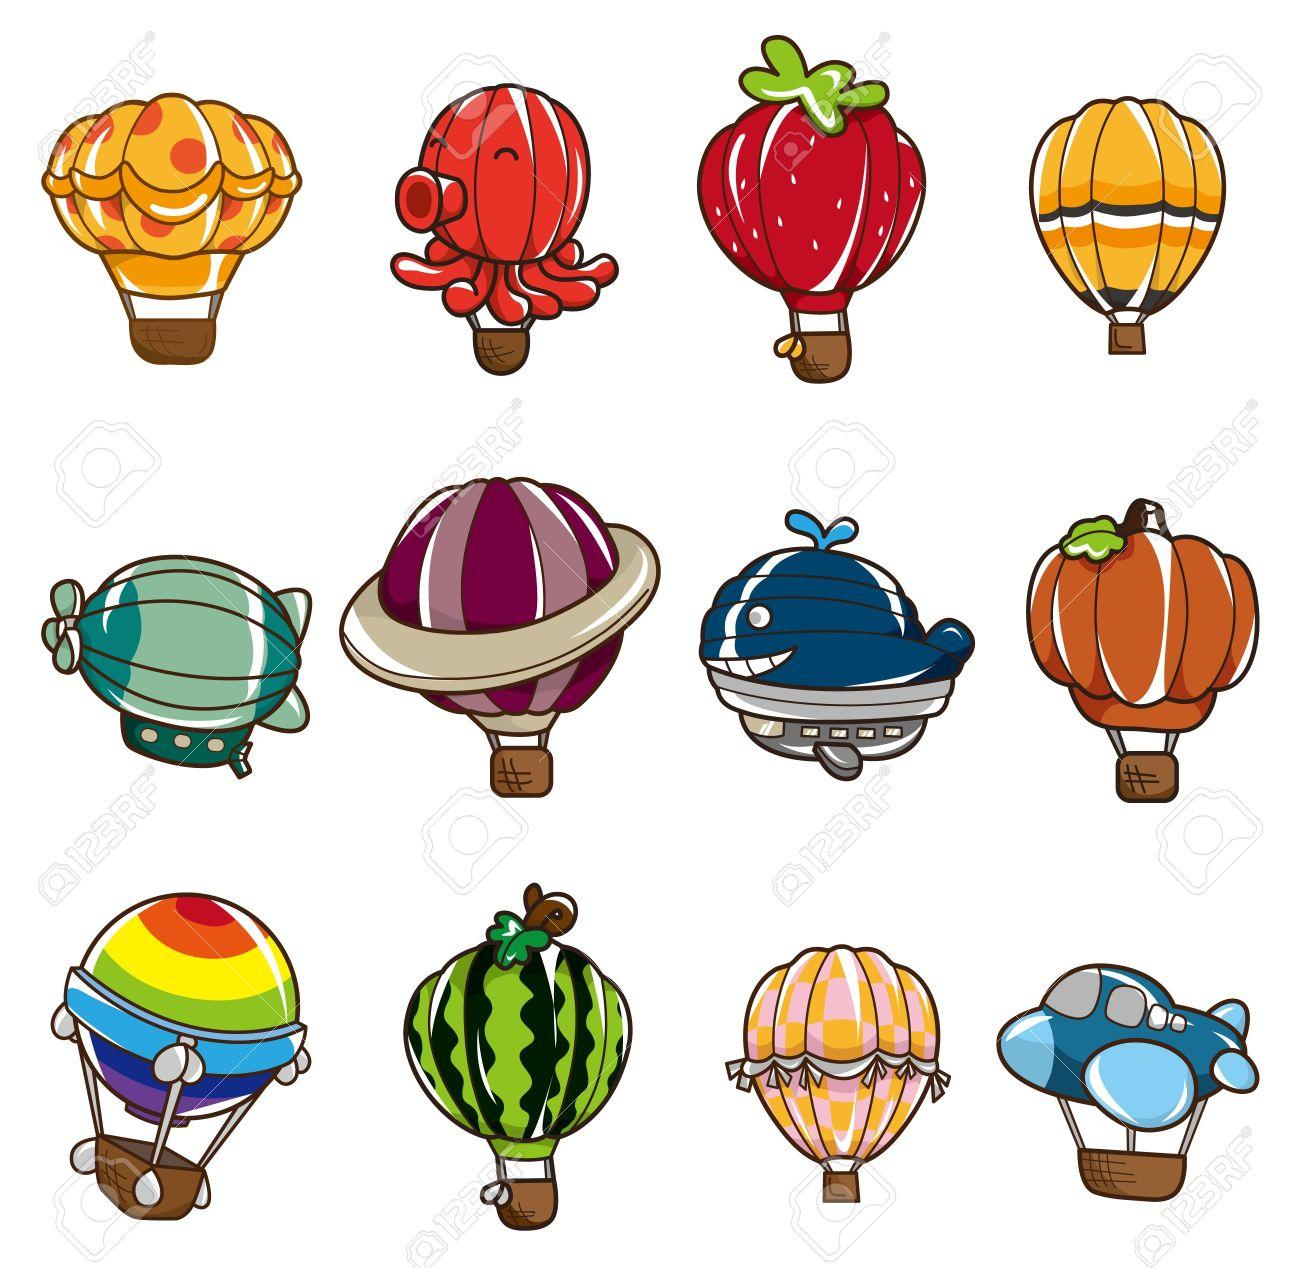 cartoon hot air balloon icon Stock Vector - 8545644